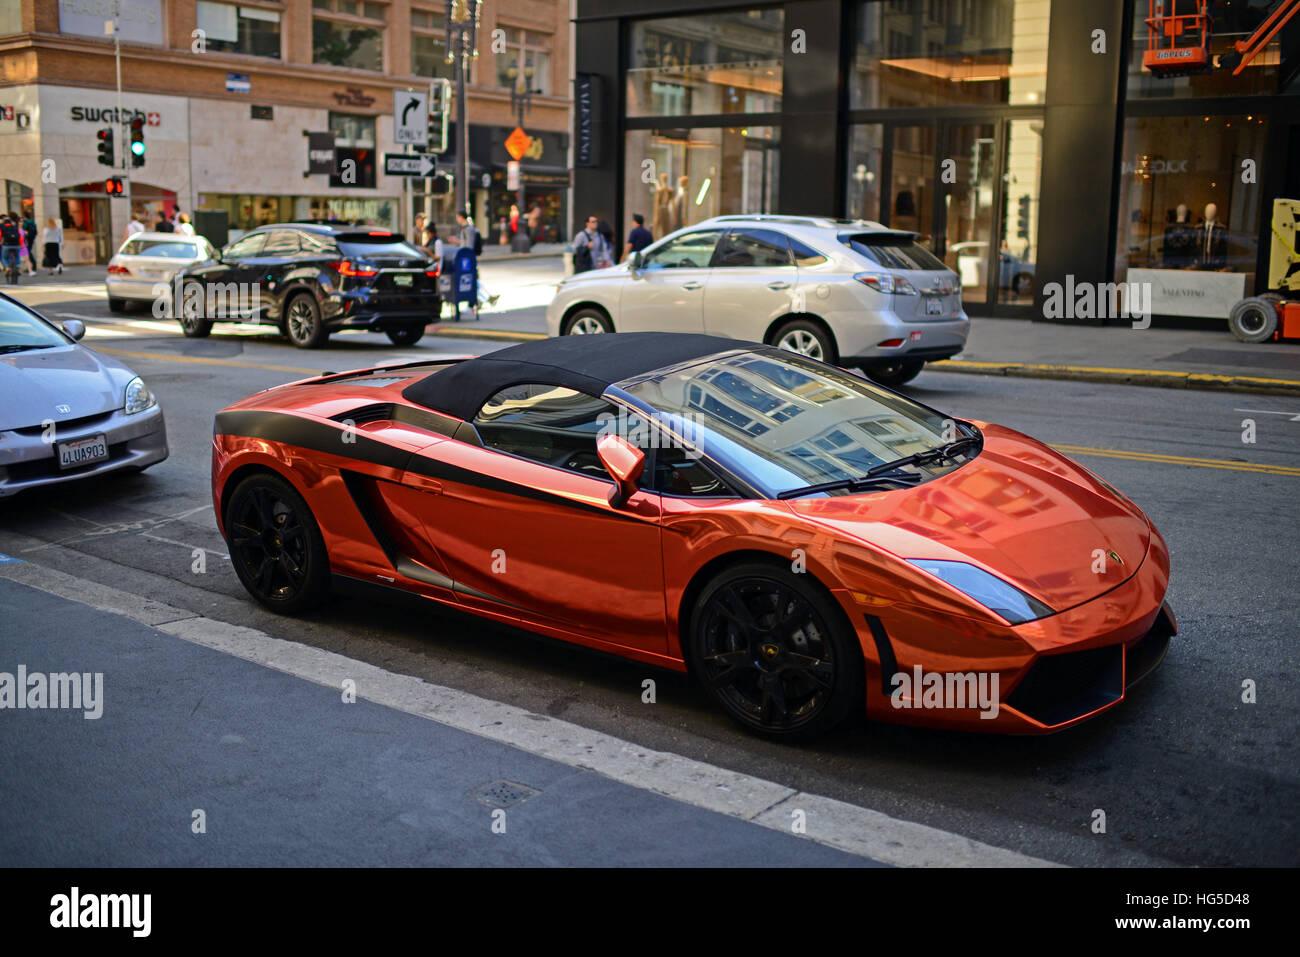 Perfect Bright Colored Lamborghini Parked In Union Square Area, Financial District,  San Francisco.